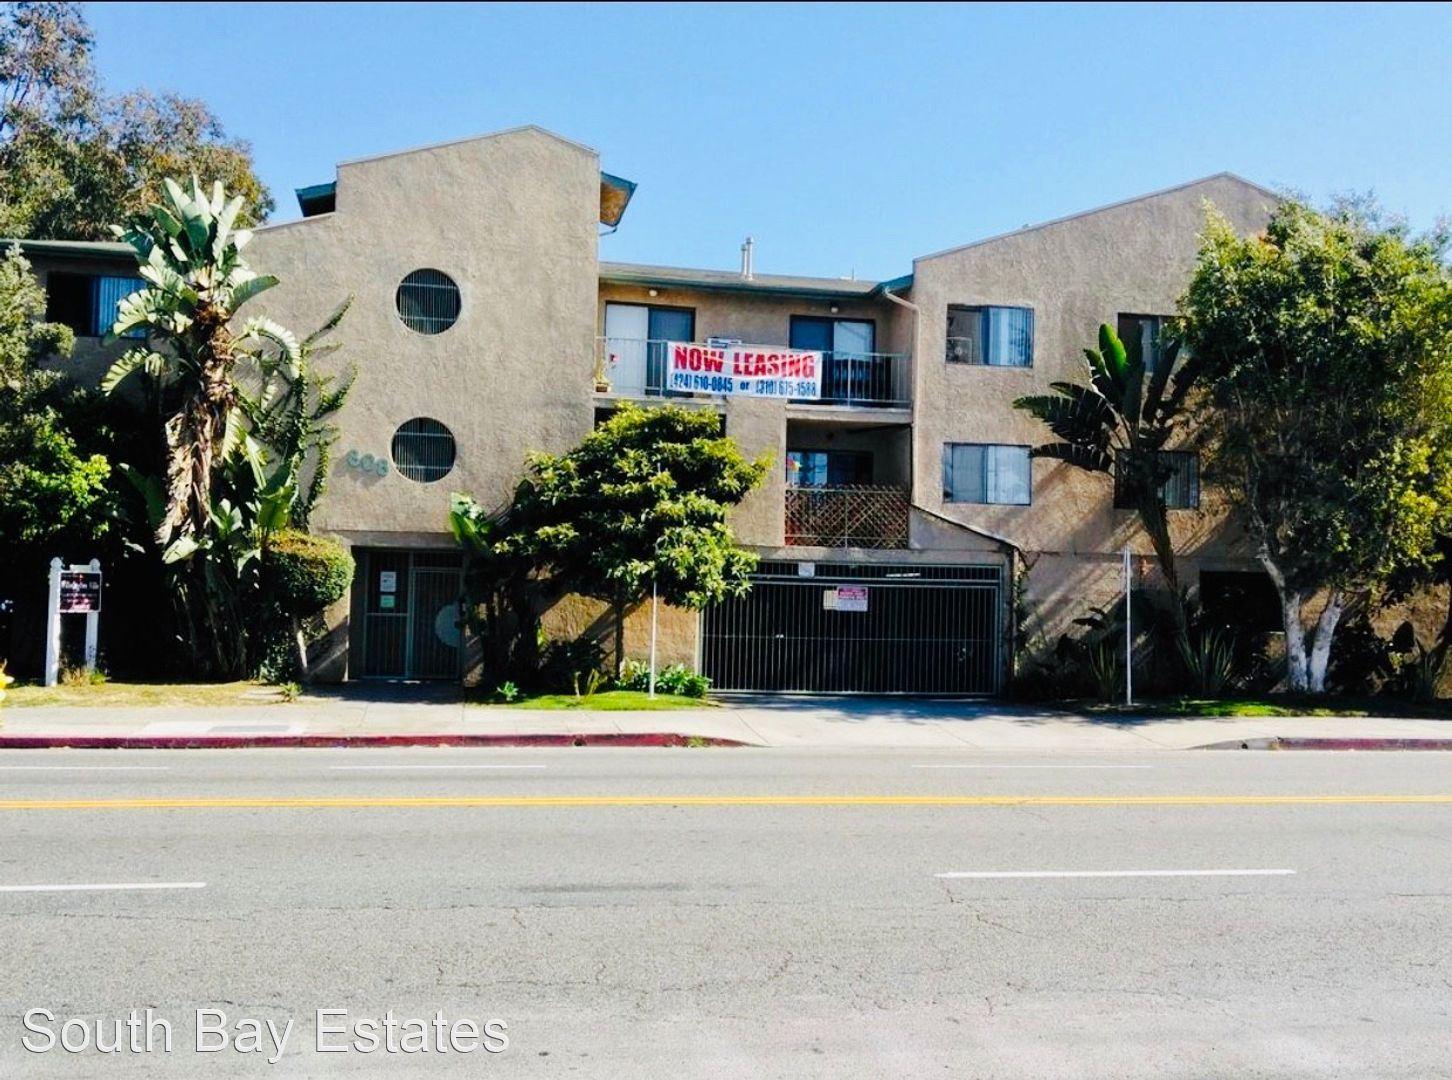 808 W Anaheim st, Wilmington, CA - $1,550